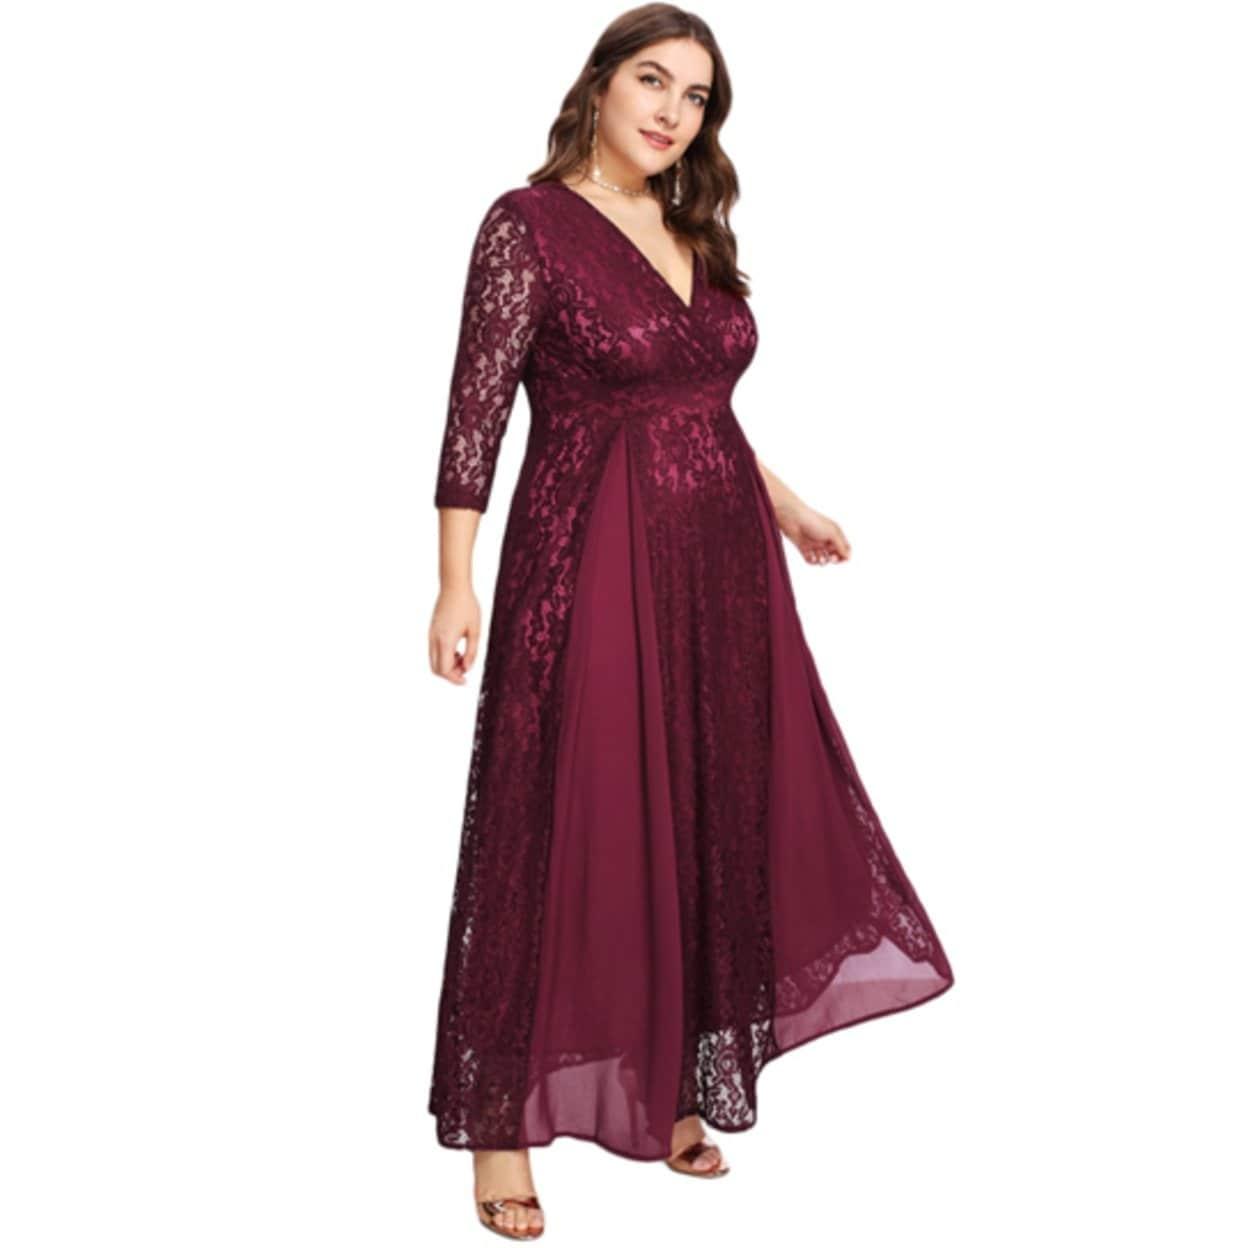 Shop Women\'s Plus Size High Waist Lace Overlay Evening Maxi Dress ...